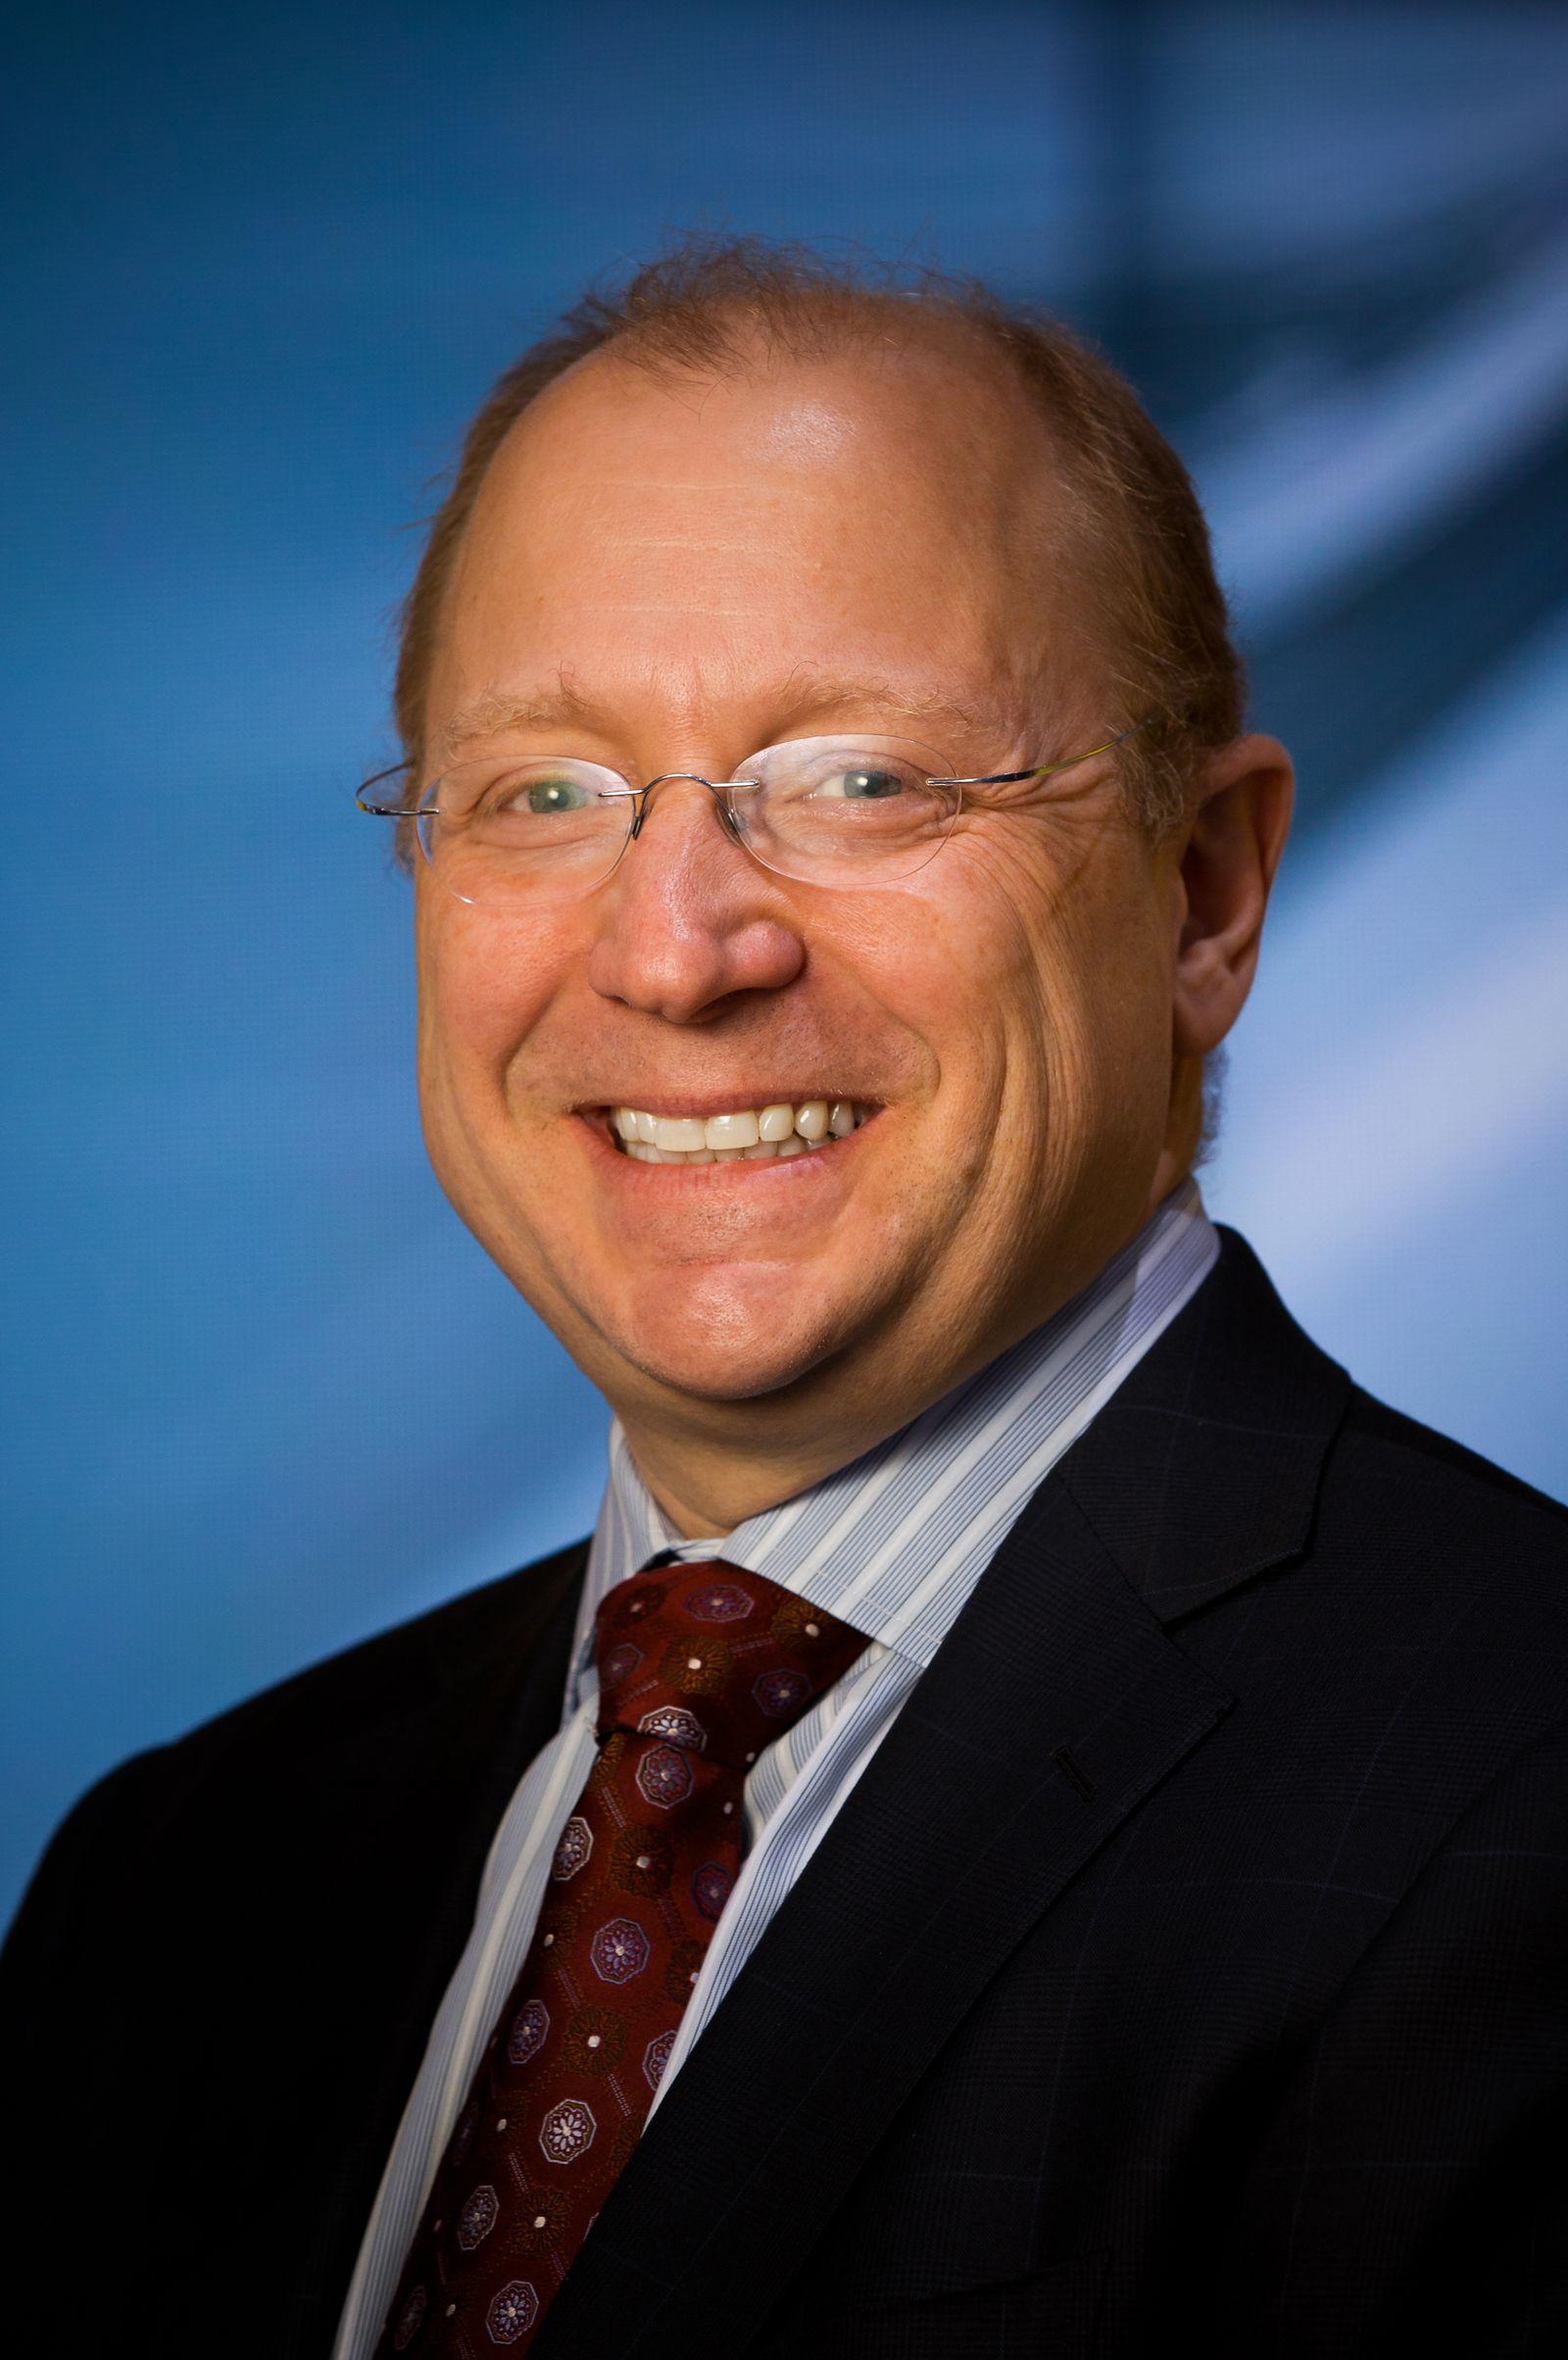 Steve Girsky